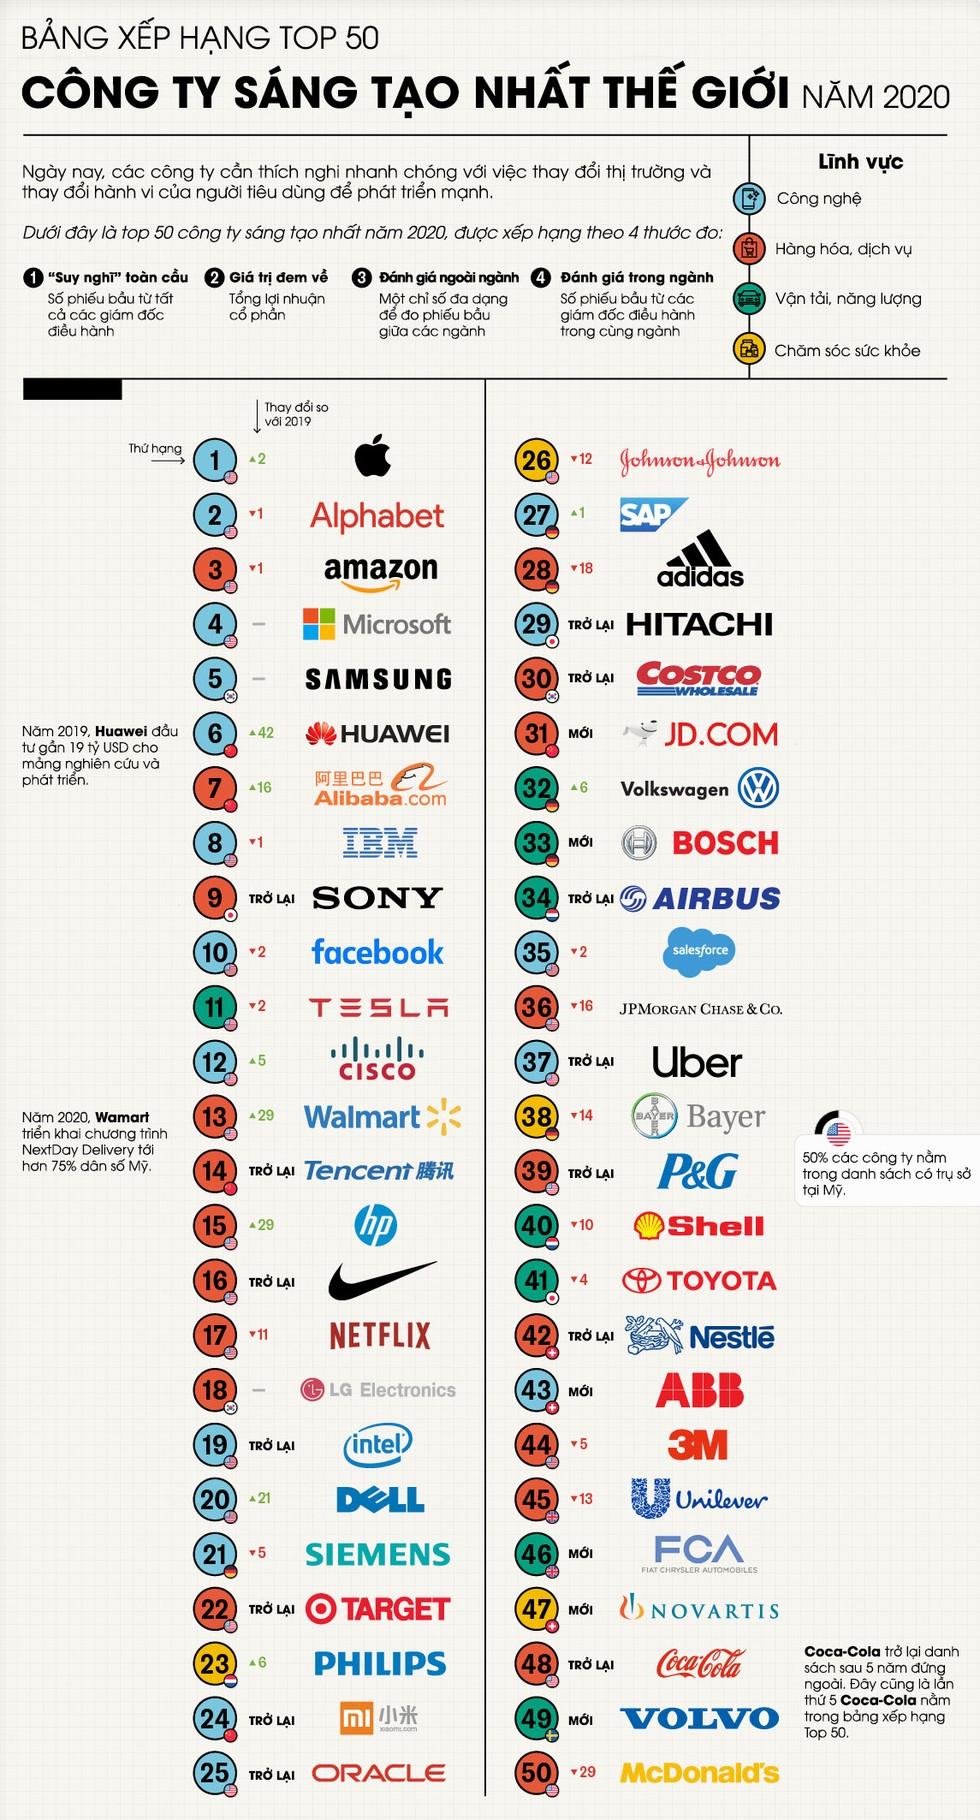 Top 50 công ty sáng tạo nhất thế giới năm 2020 ảnh 1